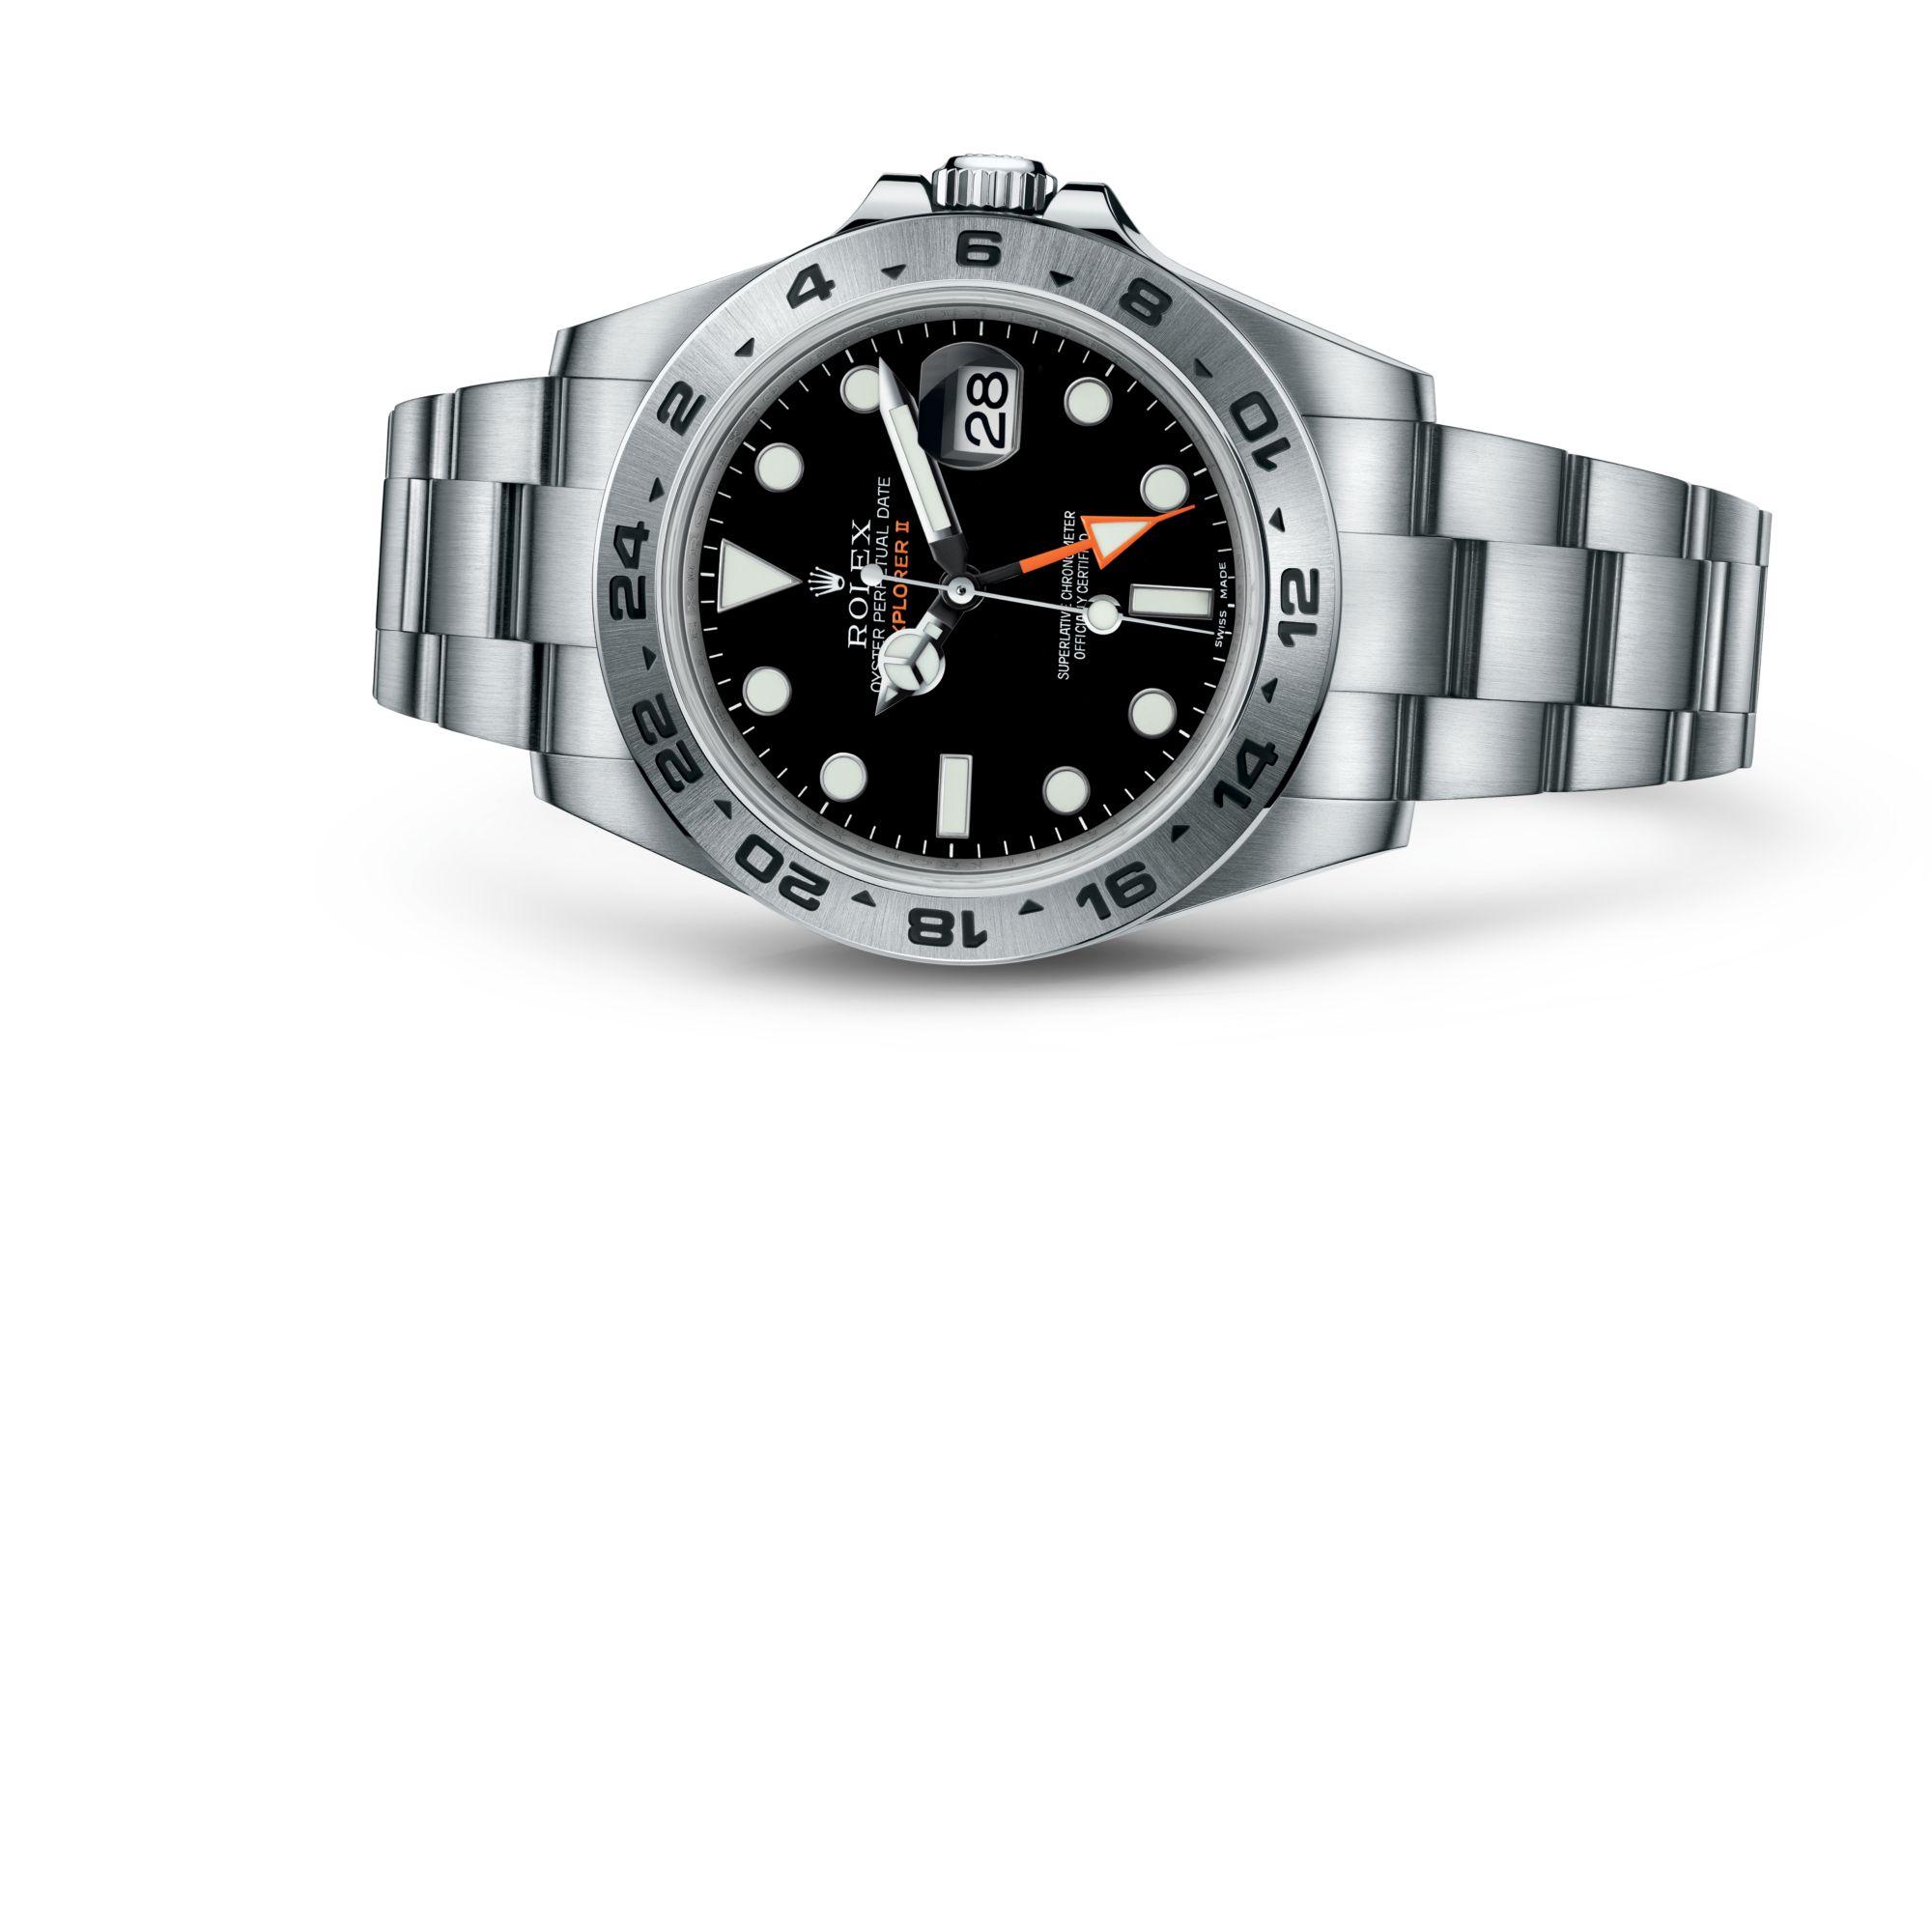 Rolex エクスプローラーⅡ M216570-0002